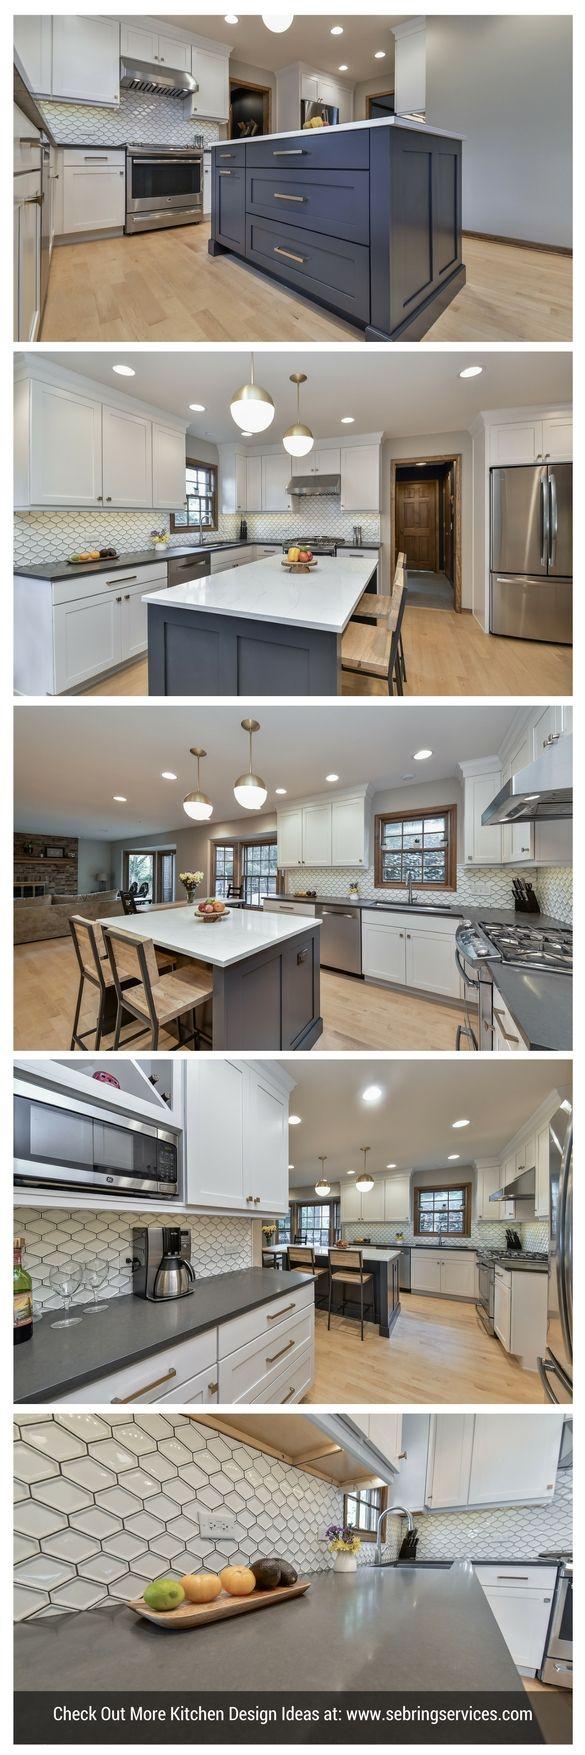 717 best kitchen design trends images on pinterest remodeling justin carina s kitchen remodel pictures kitchen remodelingremodeling ideastransitional